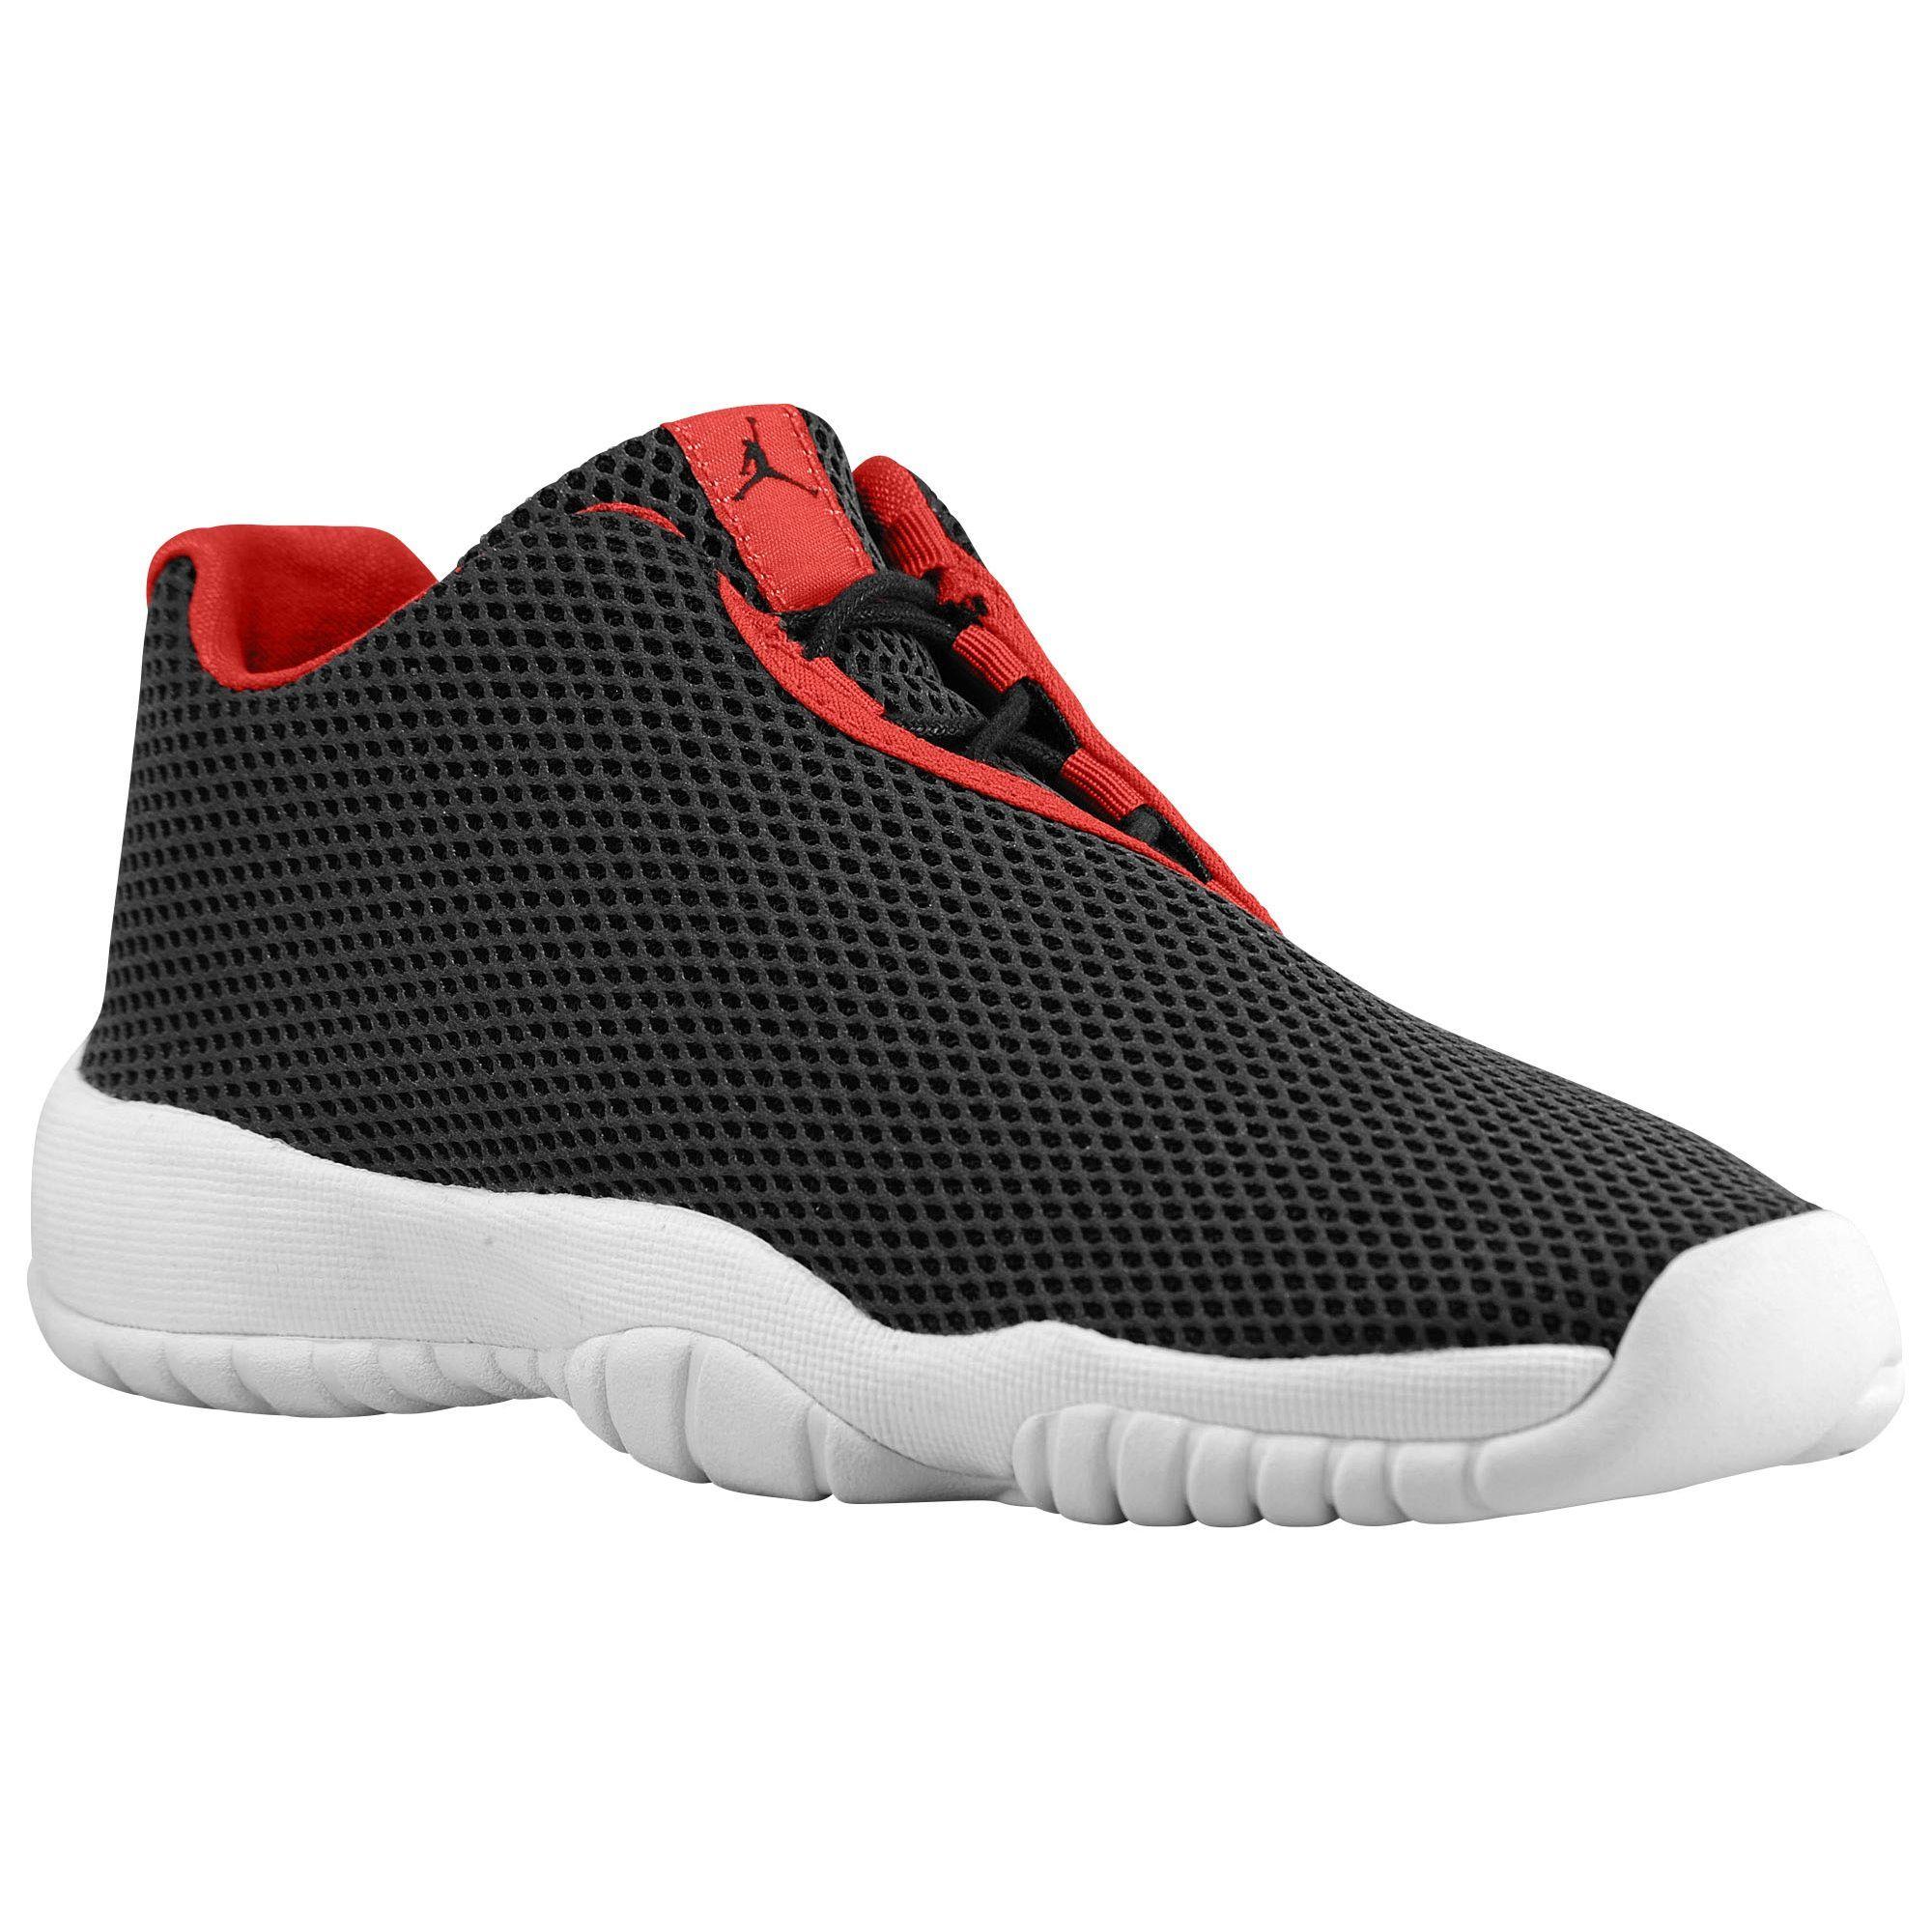 size 40 b89f1 4b311 ... new zealand jordan aj future low boys grade school shoes 5116d 1d6a1